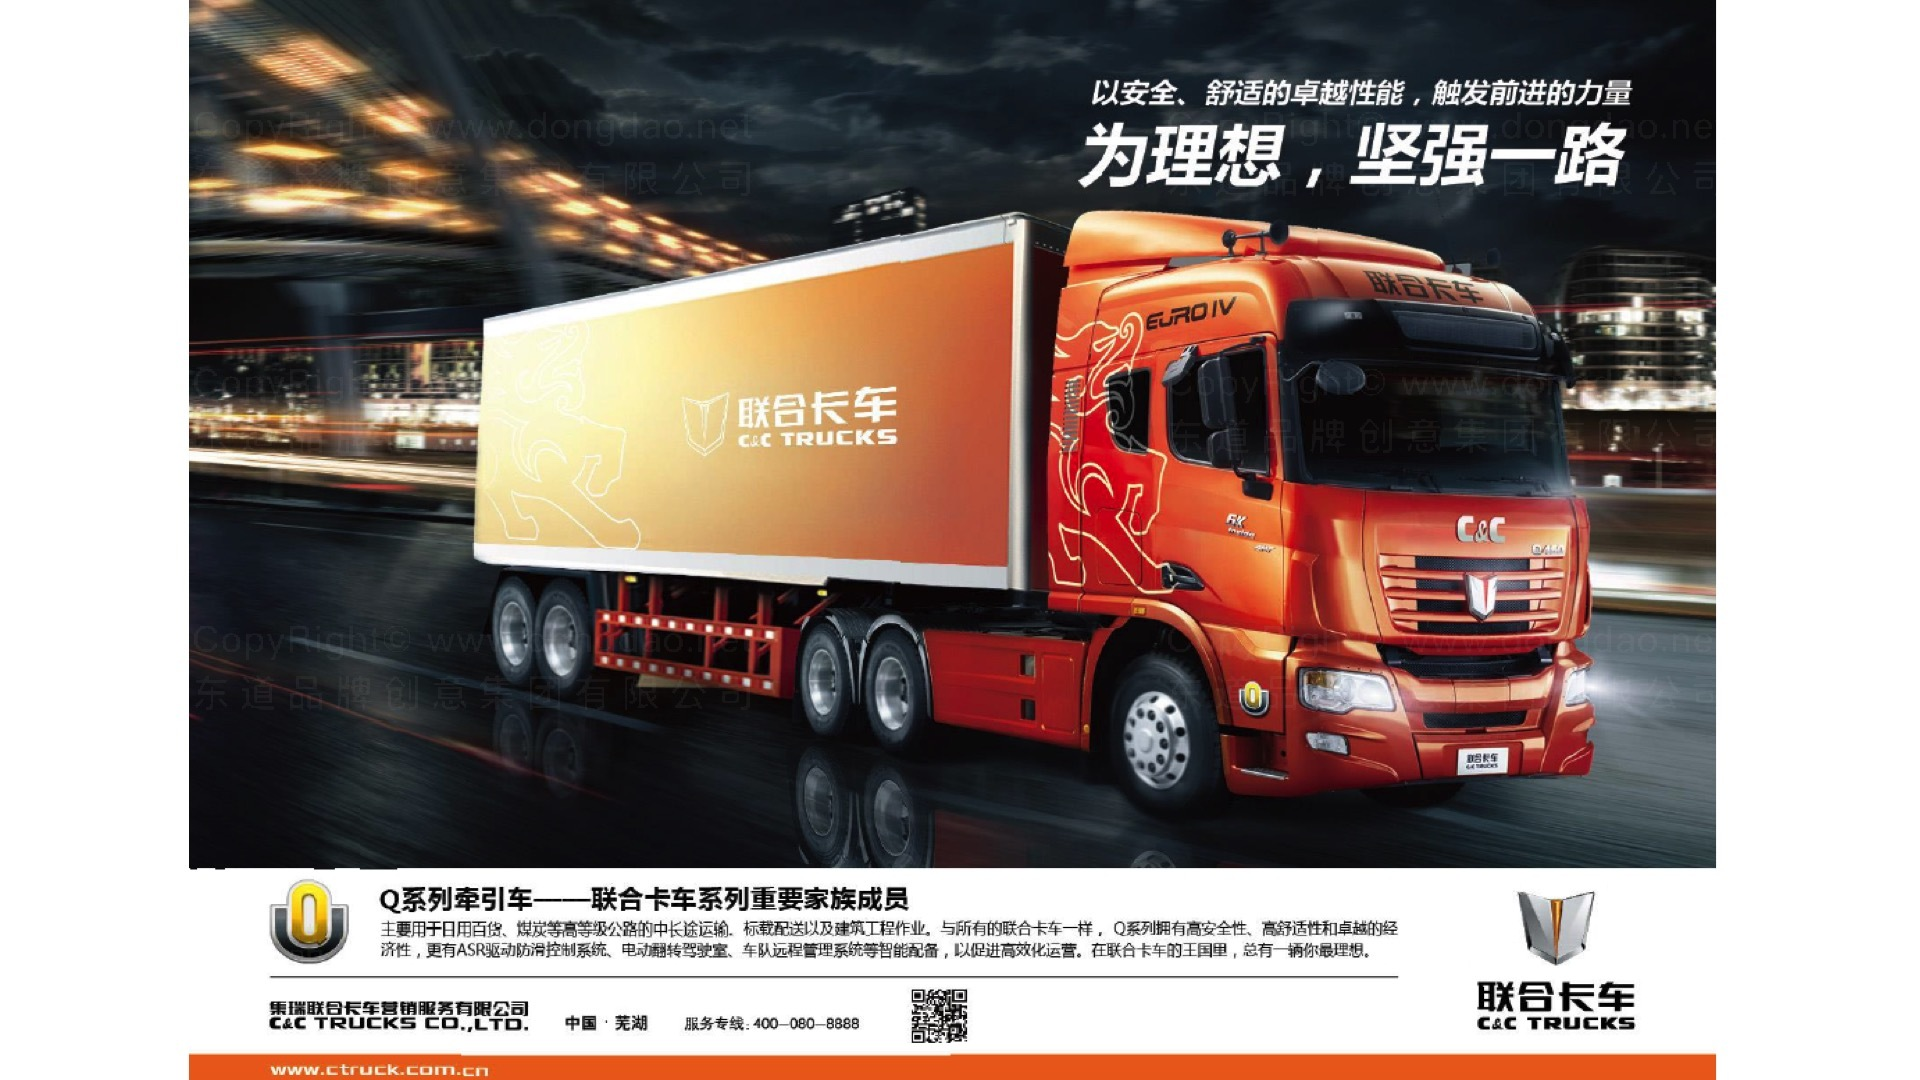 品牌战略&企业文化联合卡车联合卡车品牌战略规划应用场景_4